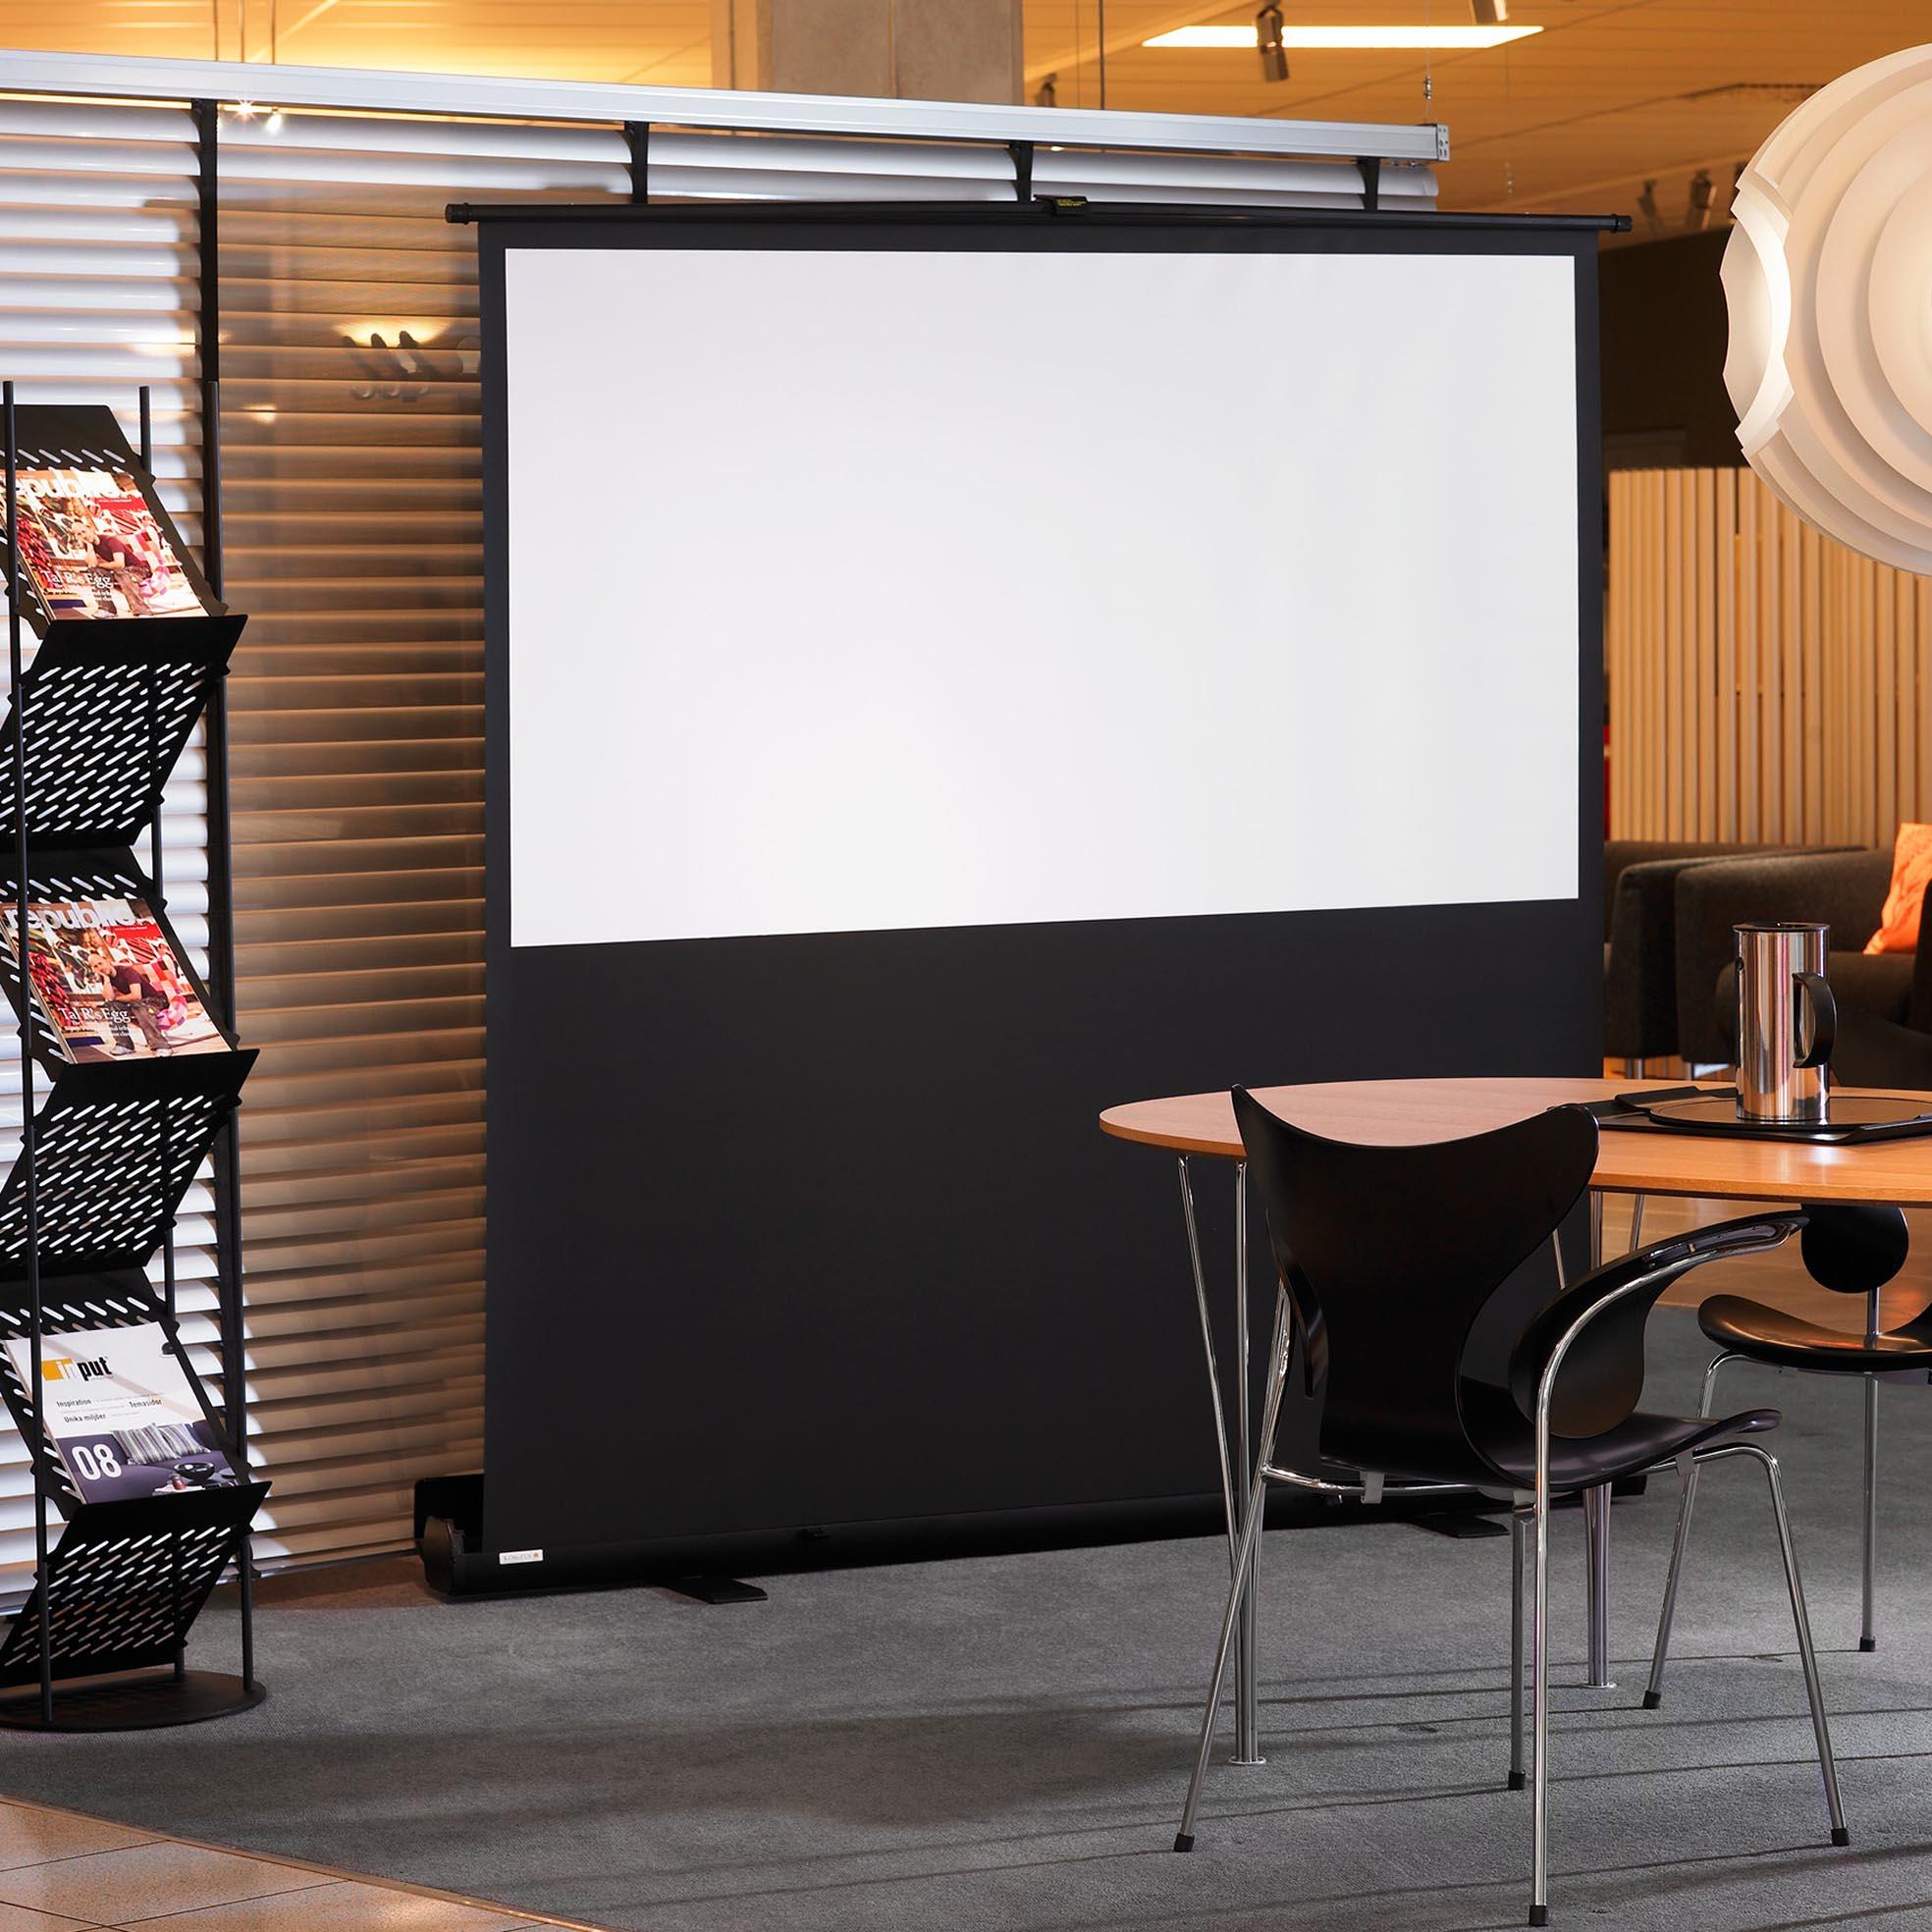 Golvstående filmduk för konferens, miljöbild på kontor, från Kingpin Screens